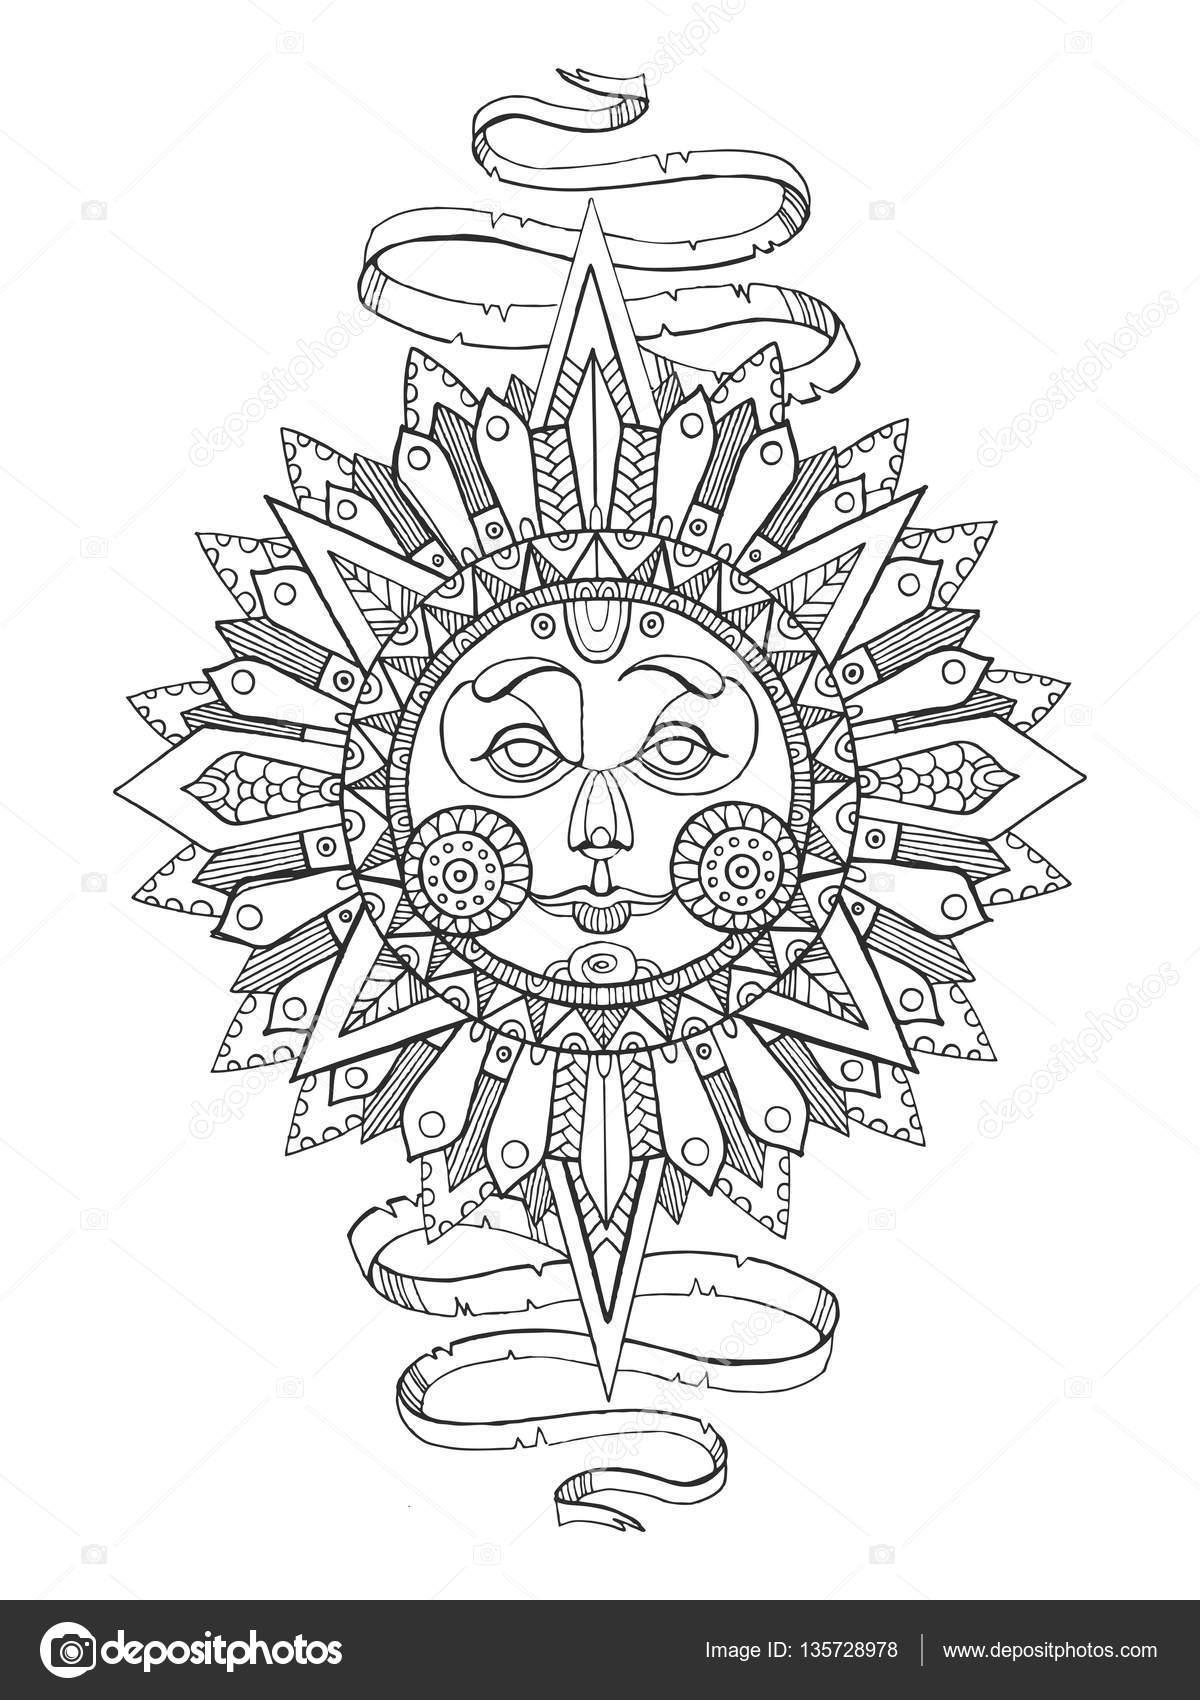 Coloriage Adulte Soleil.Soleil Avec Visage Livre De Coloriage De Dessin Pour Adultes Image